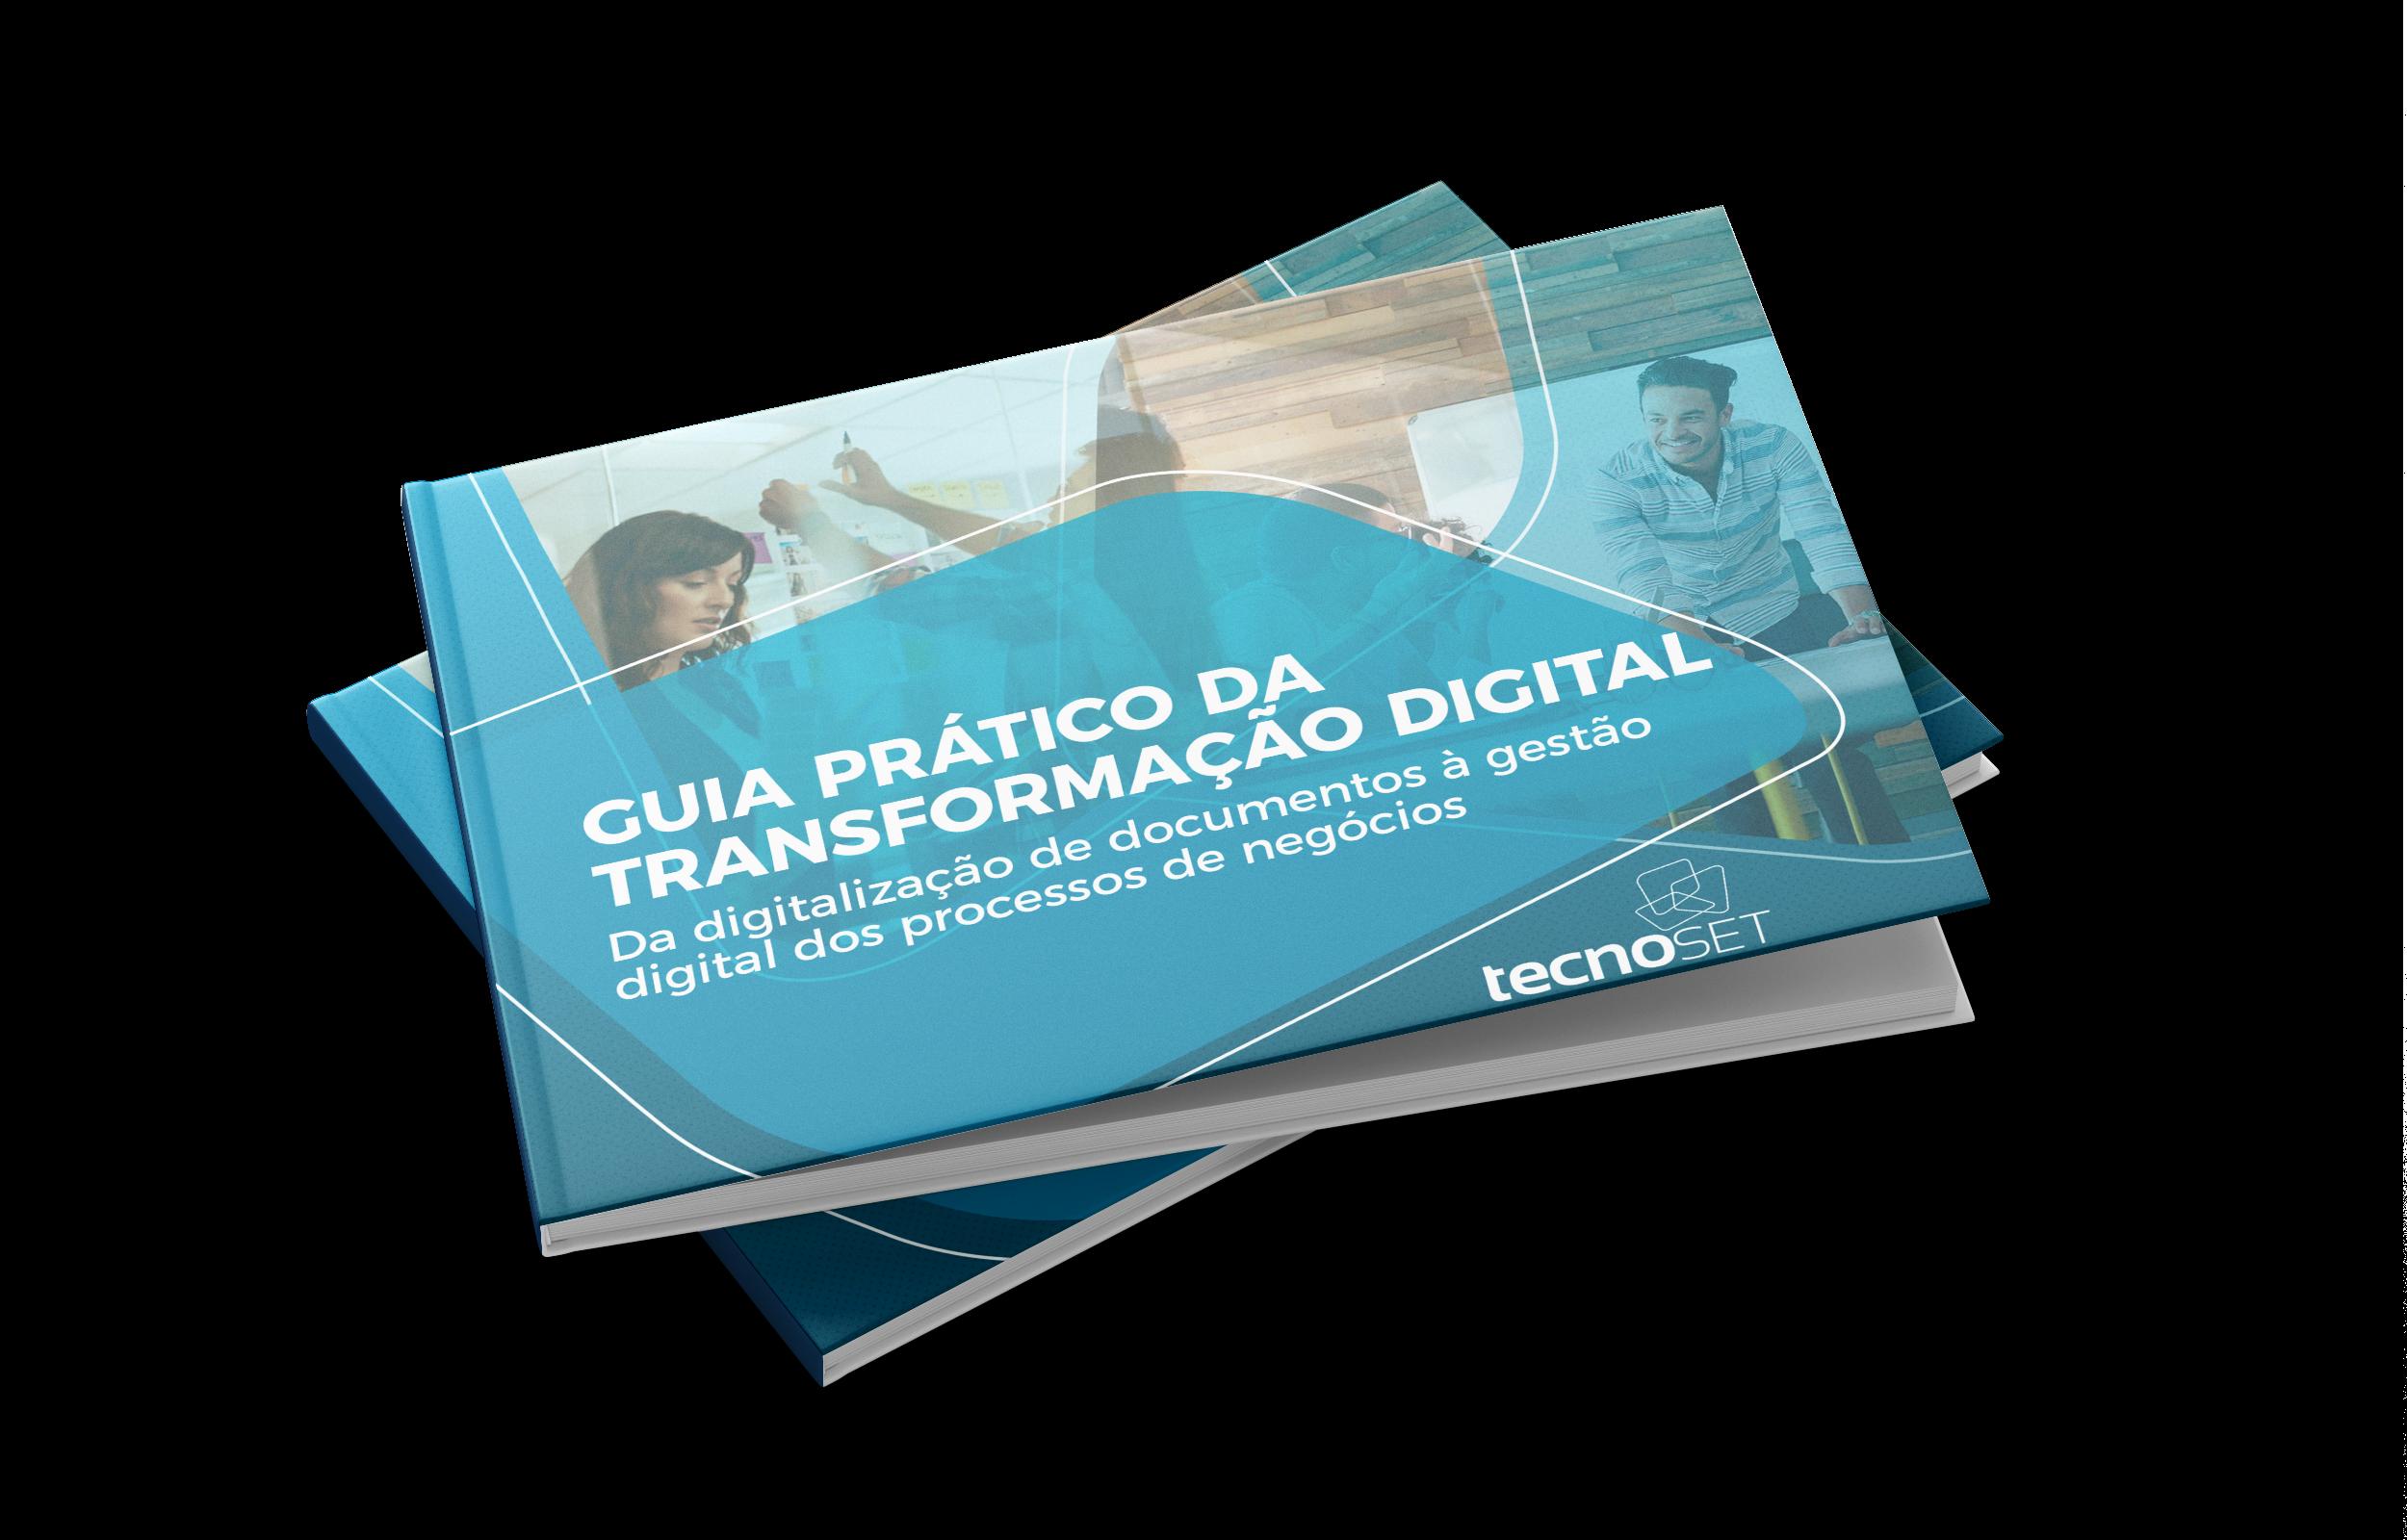 Guia Prático da Transformação Digital - Tecnoset